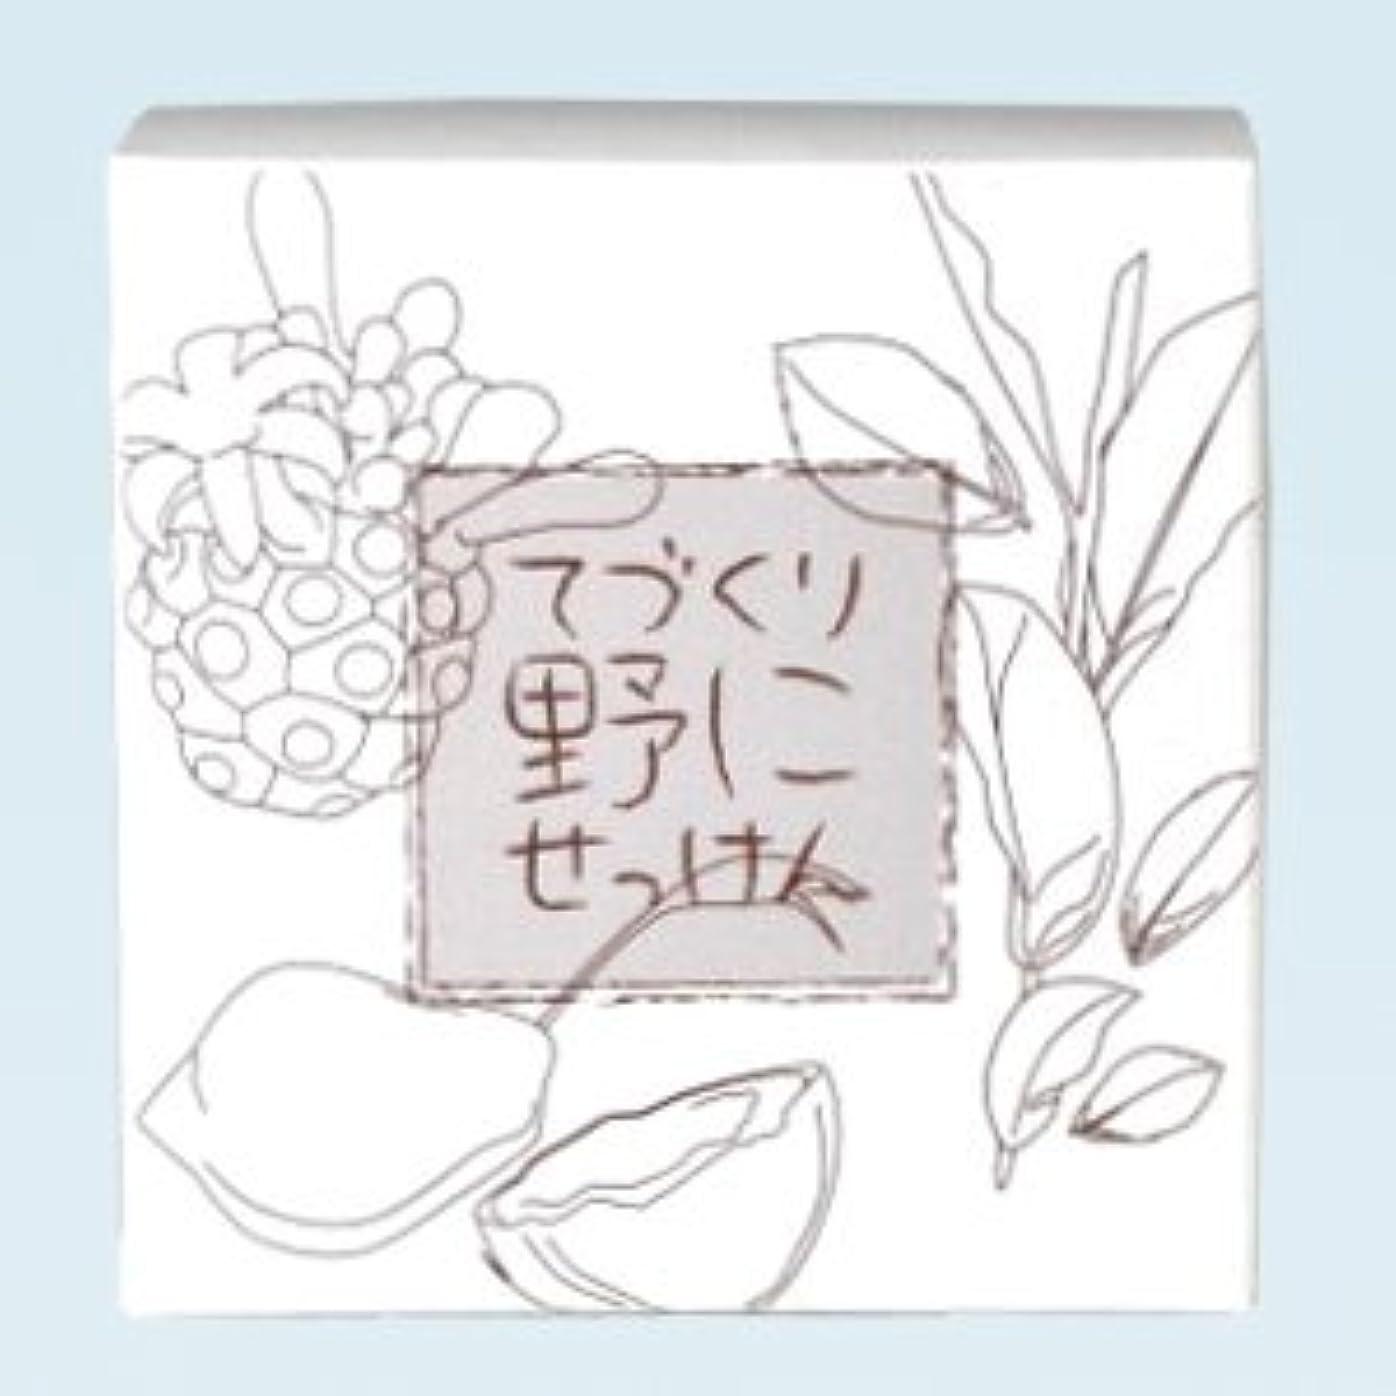 周術期織る設計緑茶ノニ石鹸 てづくり野にせっけん(115g)